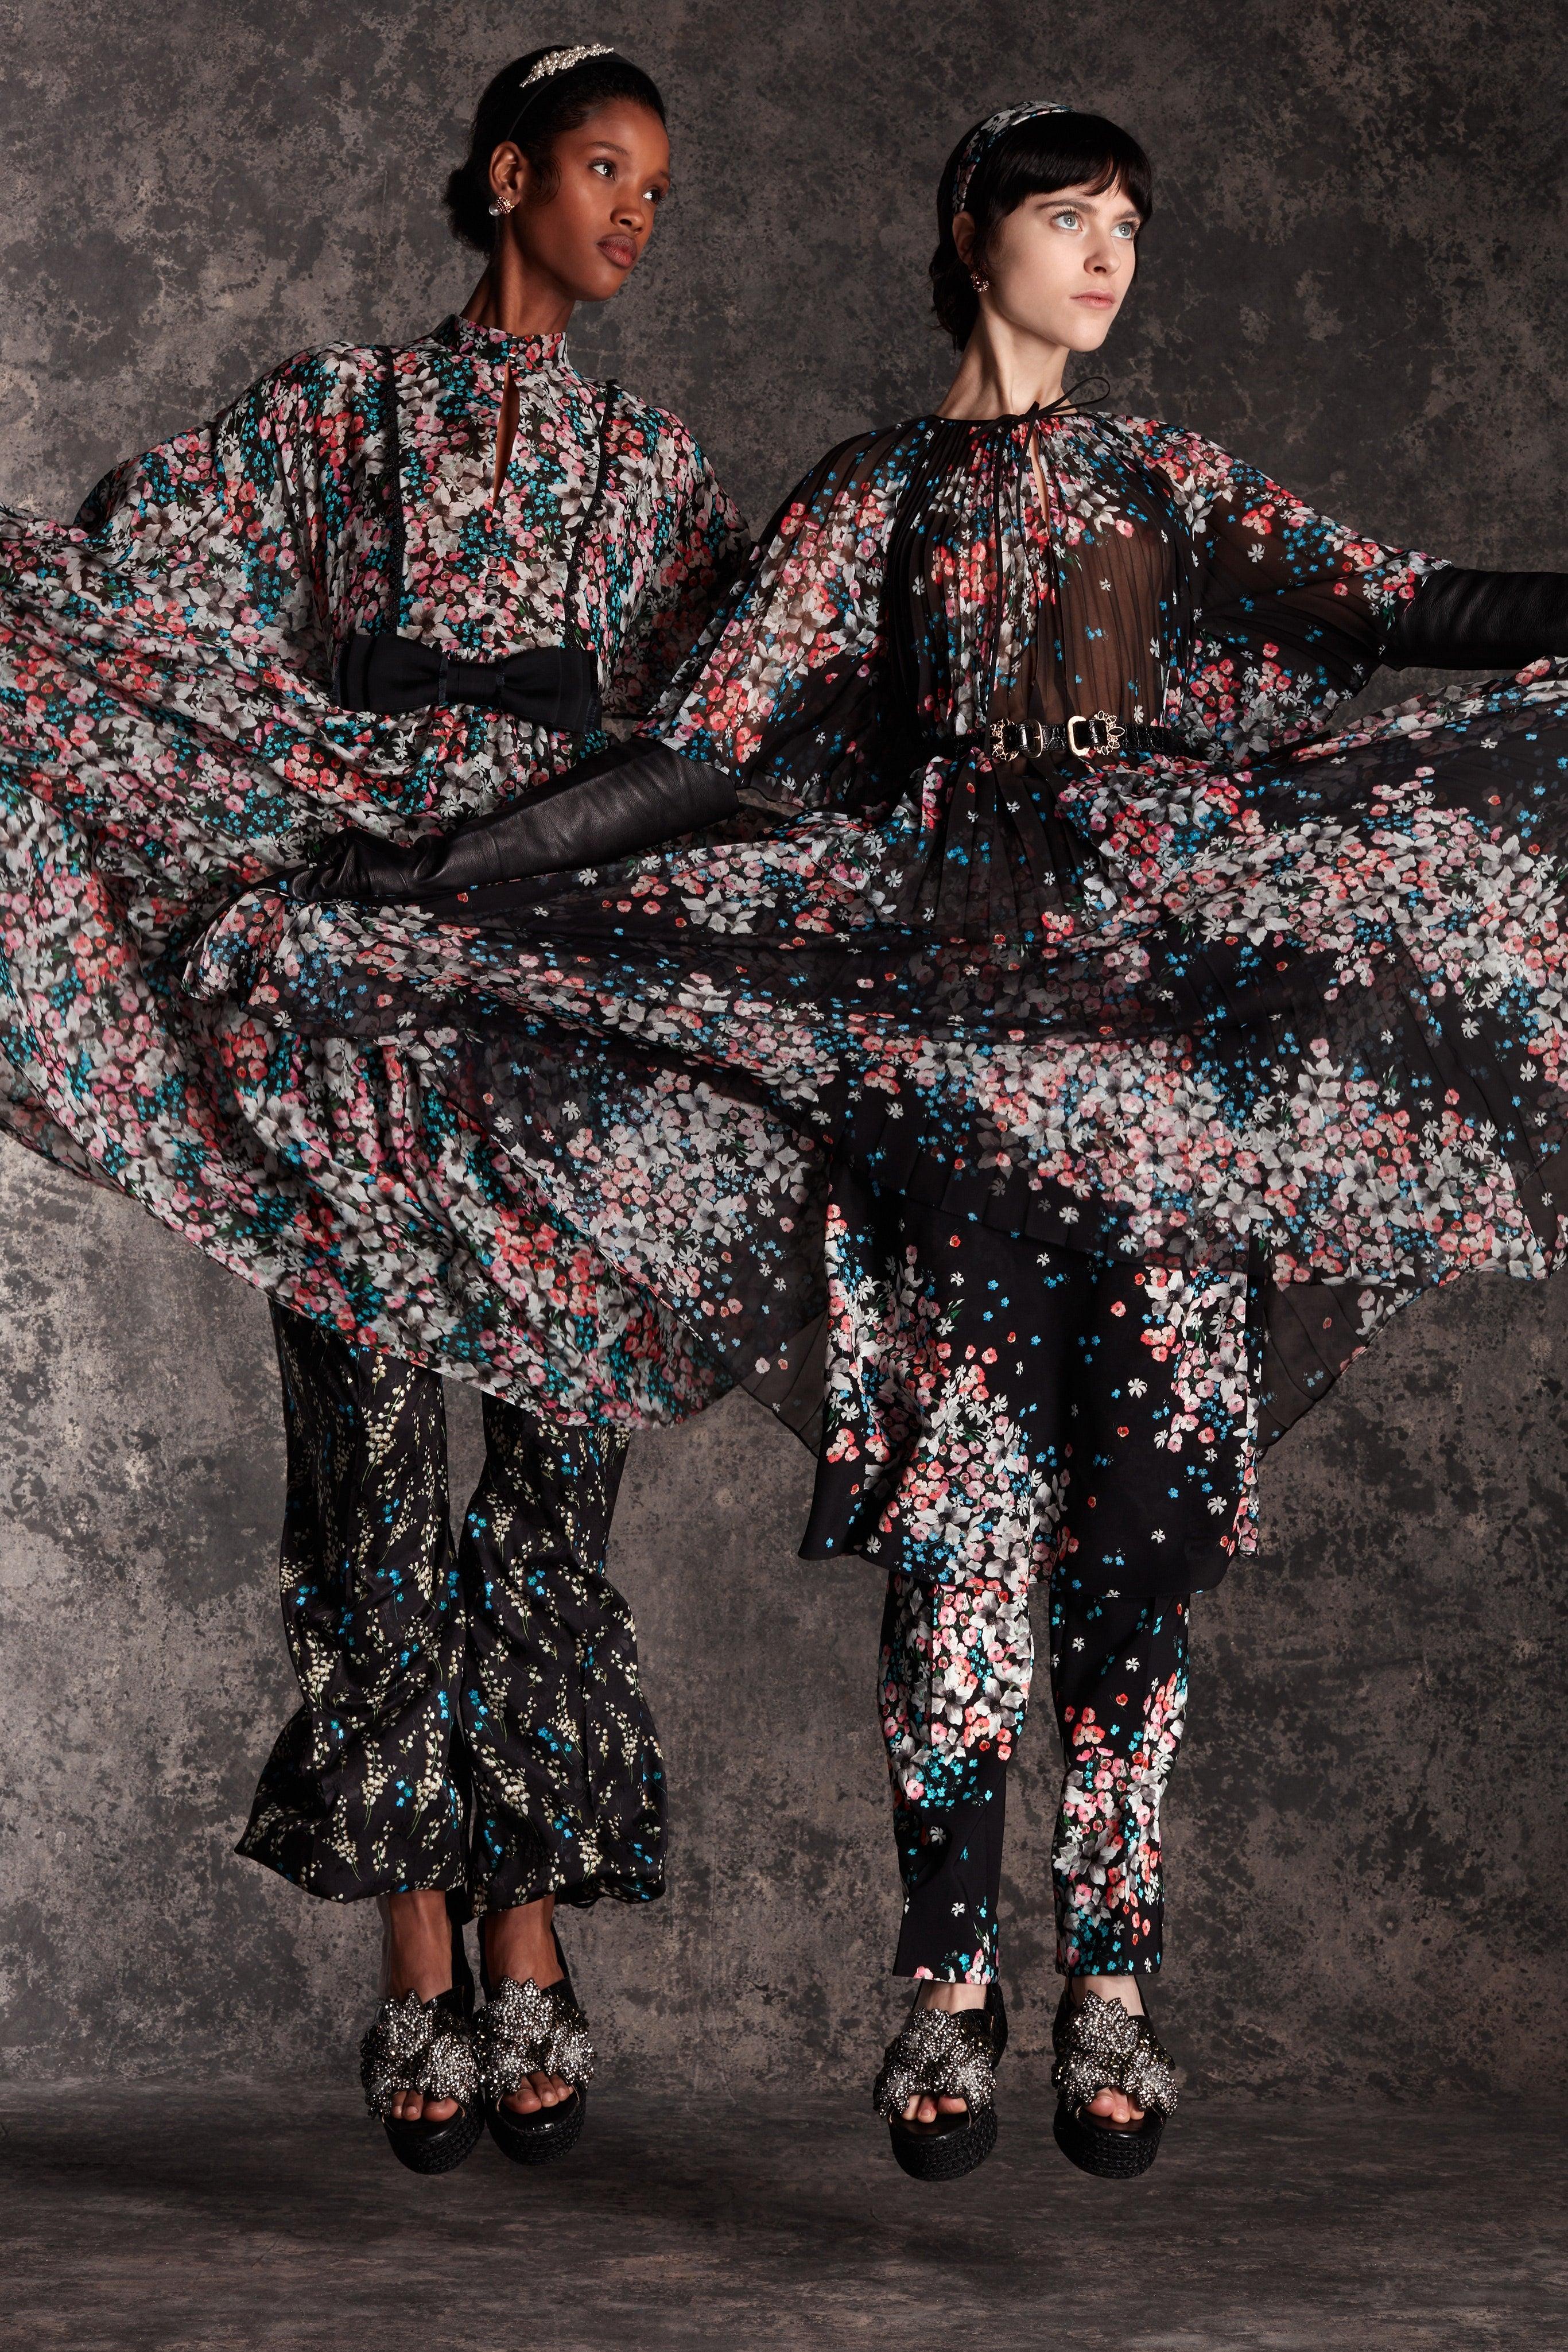 Autor: Aurimas Sapolas / Vogue Runway